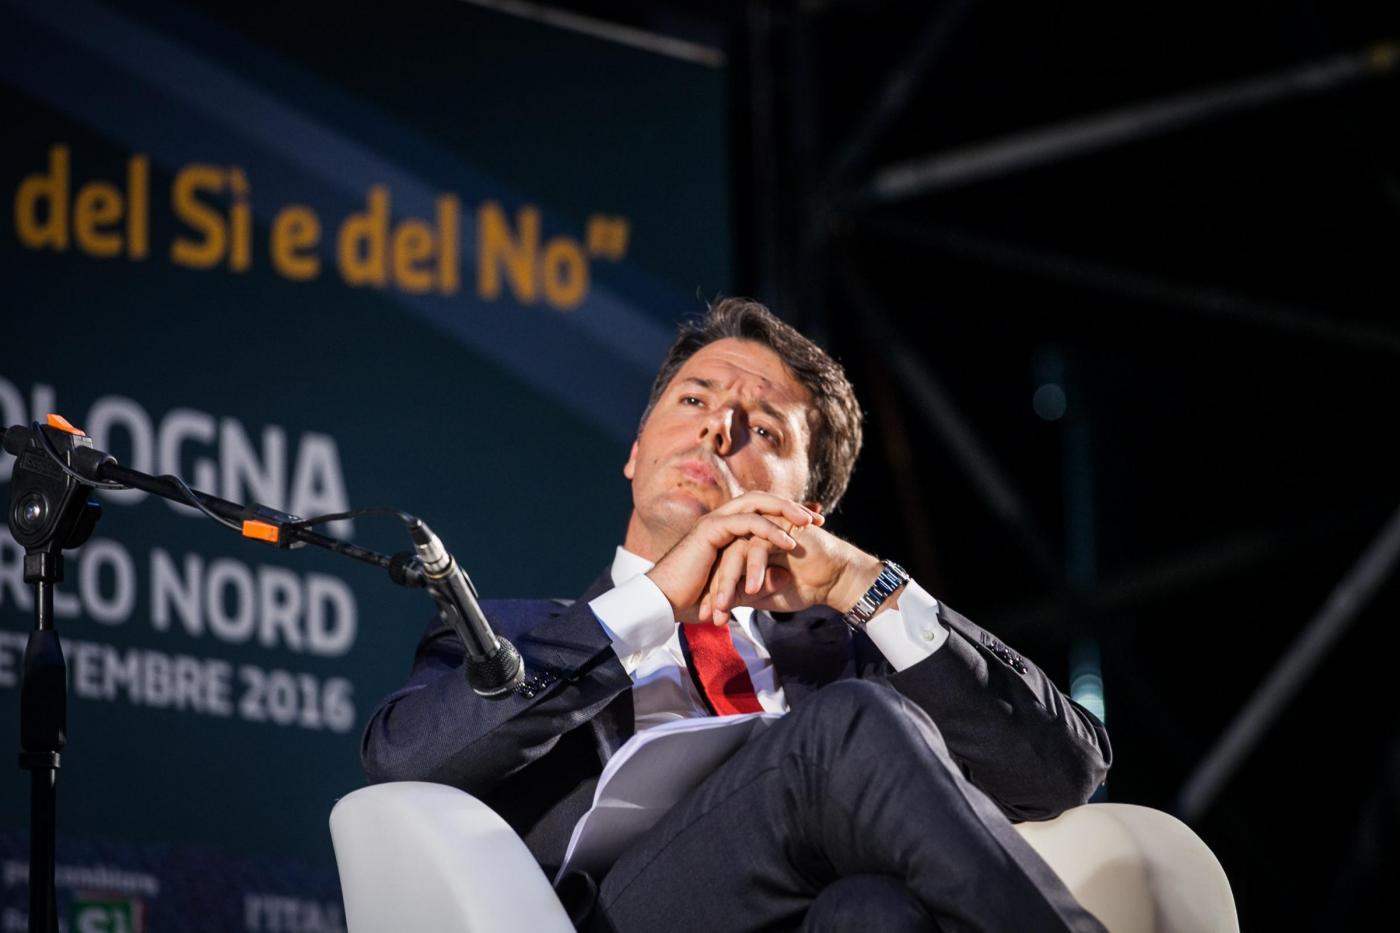 Ultimi sondaggi Referendum Costituzionale: NO in vantaggio sul SÌ, tanti gli indecisi